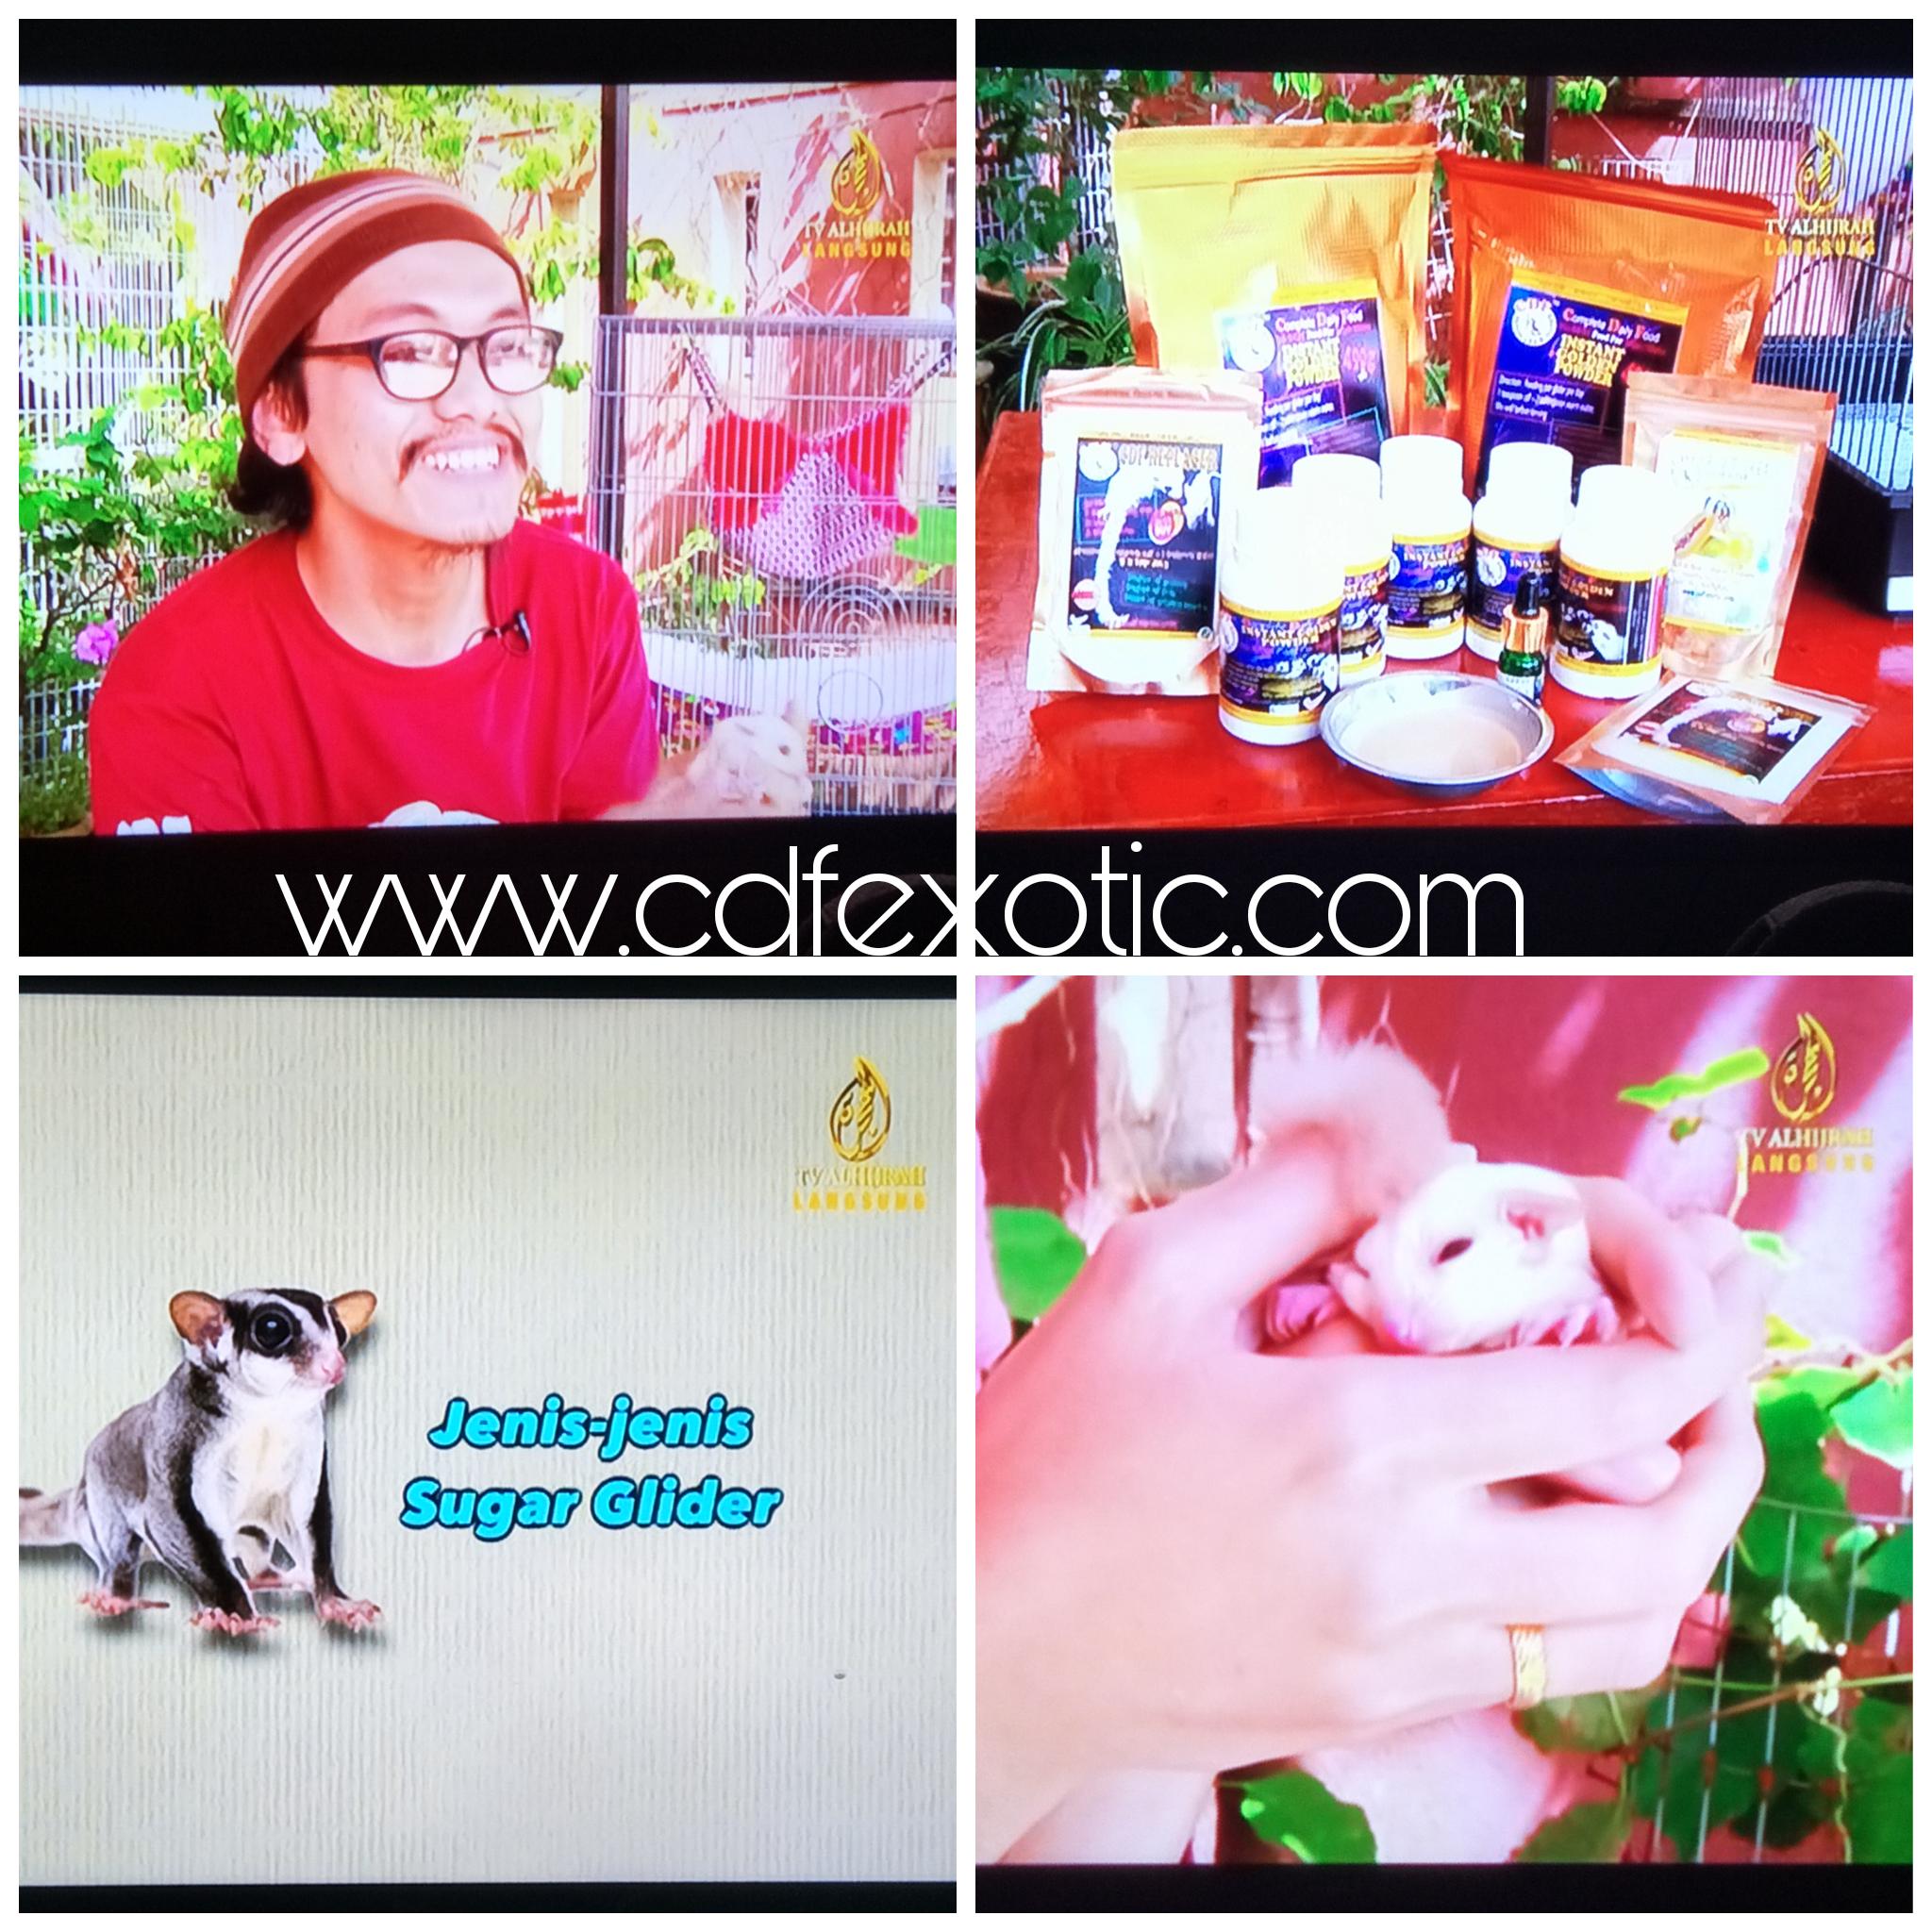 Sugar glider di malaysia